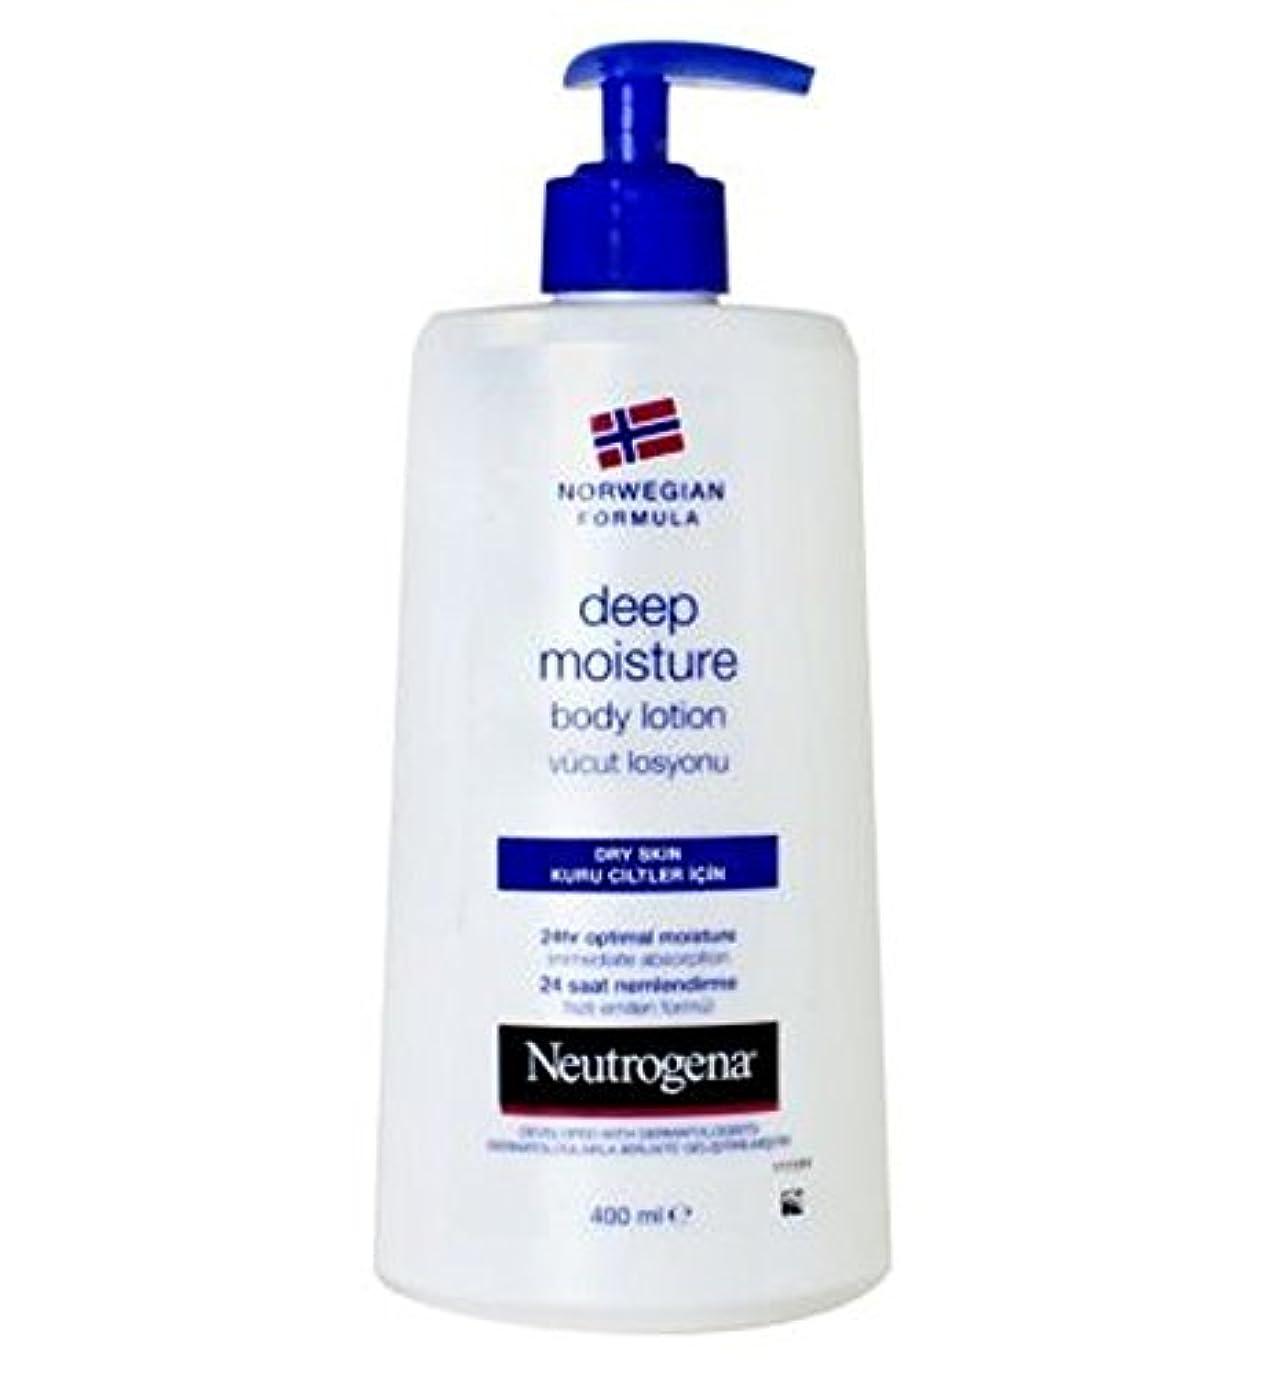 銀行矩形以下Neutrogena Norwegian Formula Deep Moisture Body Lotion For Dry Skin 250ml - 乾燥肌の250ミリリットルのためのニュートロジーナノルウェー式の深い水分ボディローション (Neutrogena Norwegian Formula) [並行輸入品]